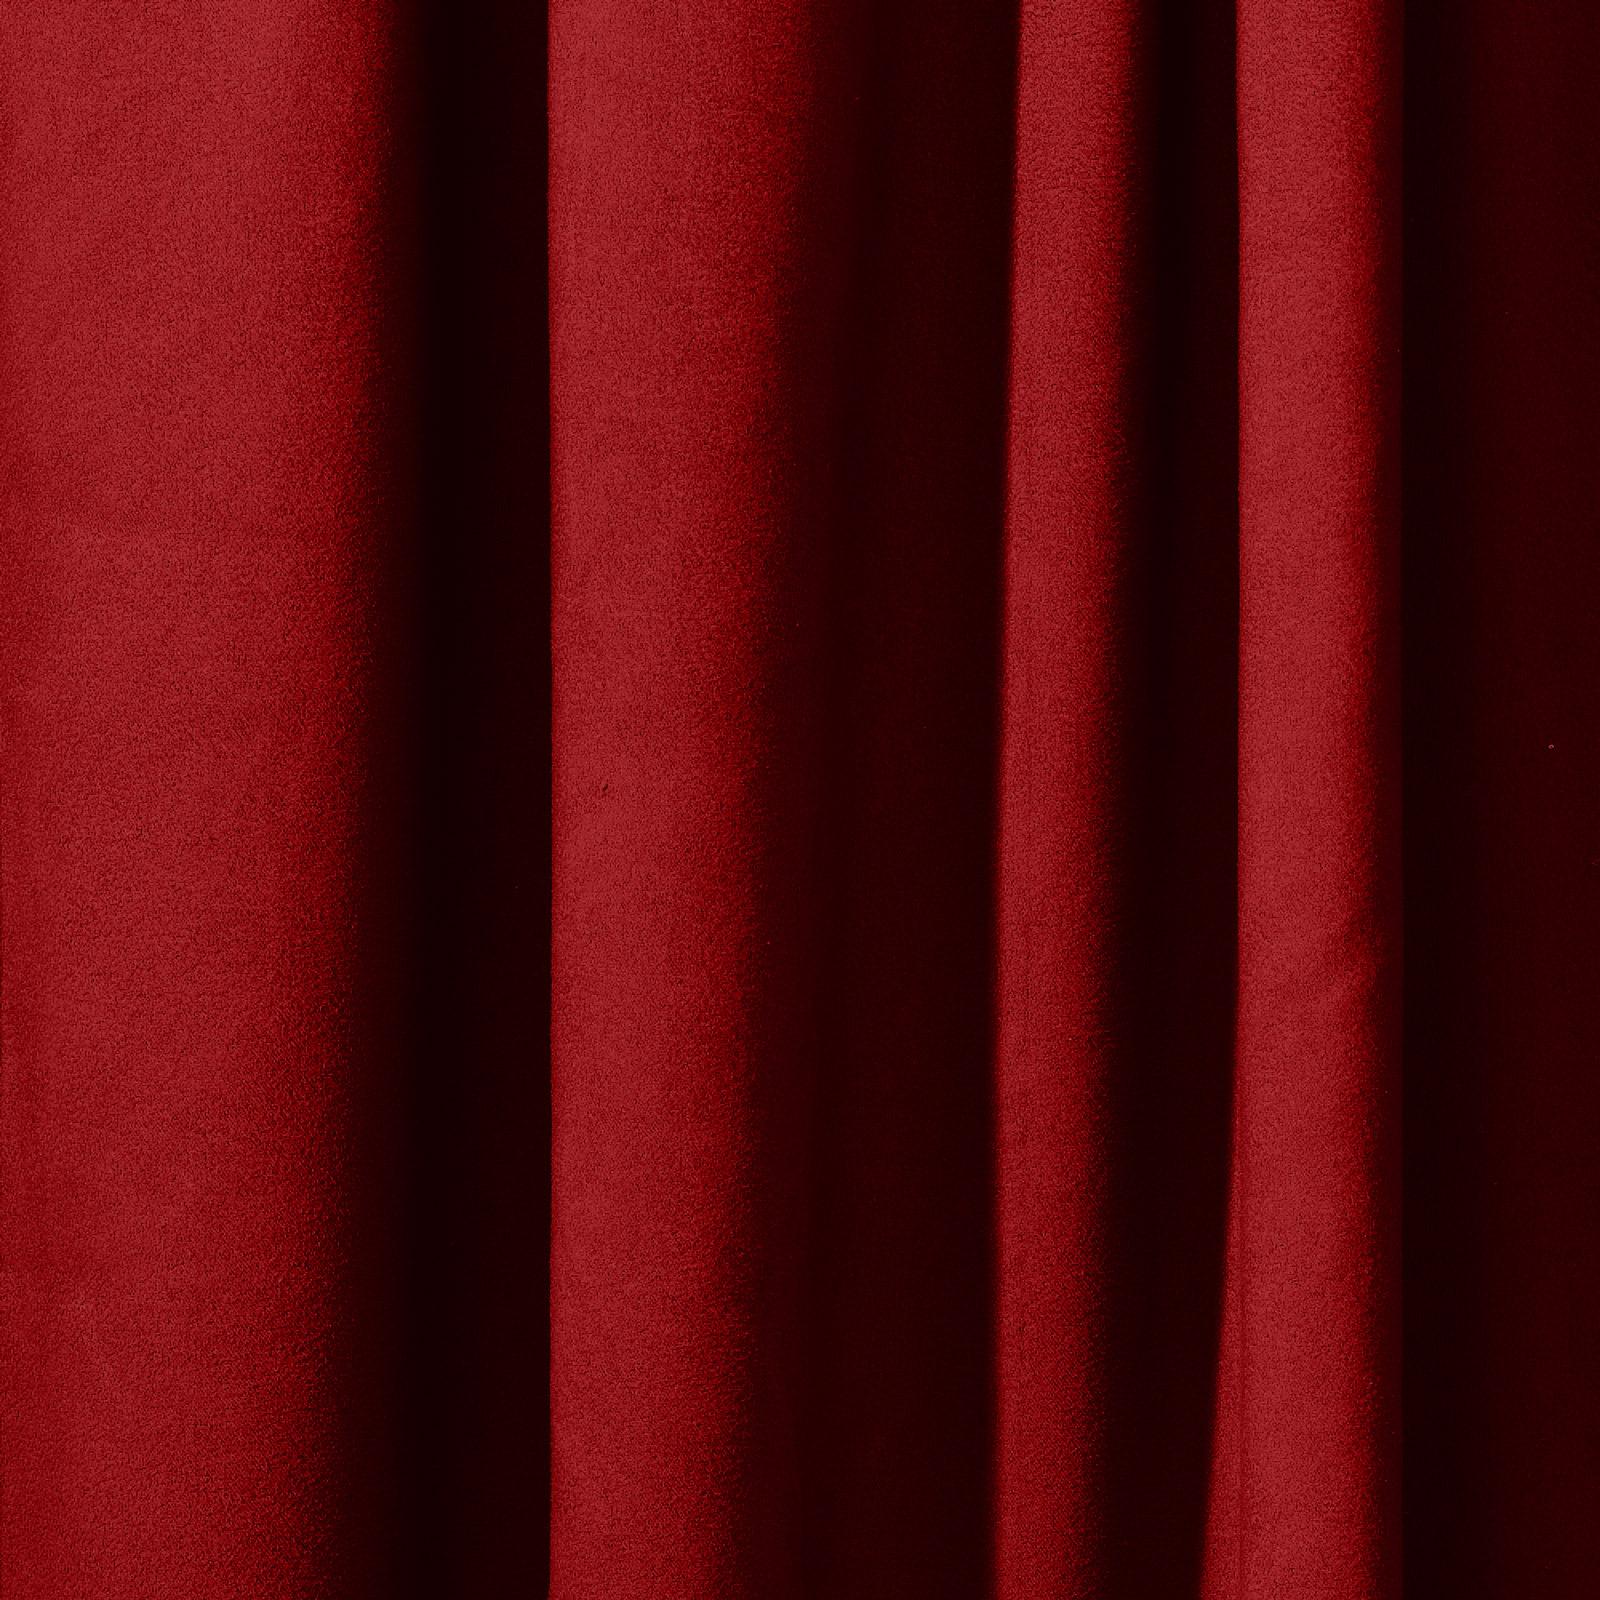 Encore Velour Velvet Fabric 15 Oz 22 Oz